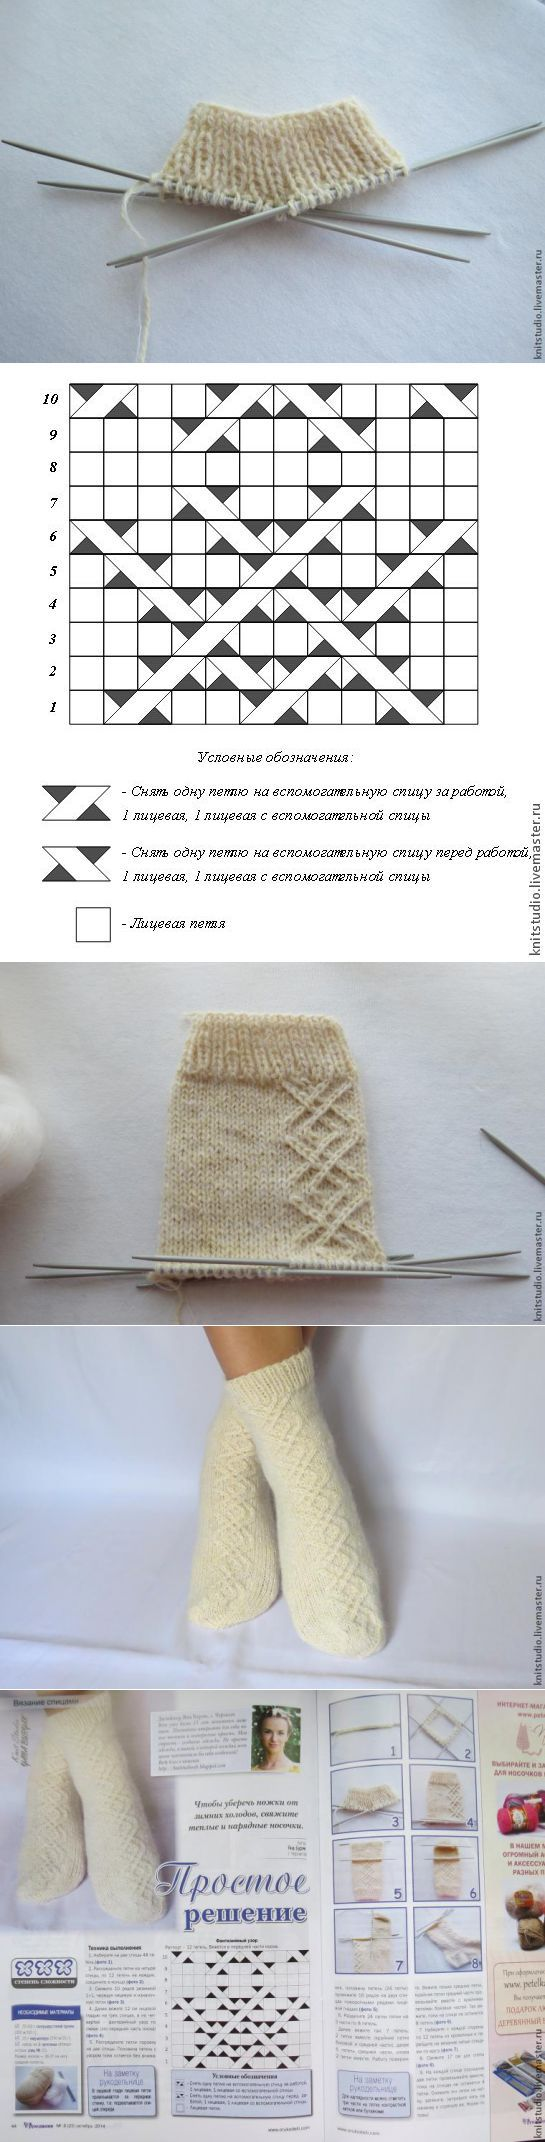 Вяжем шерстяные носки на 5 спицах - Ярмарка Мастеров - ручная работа, hand | Вязание | Постила